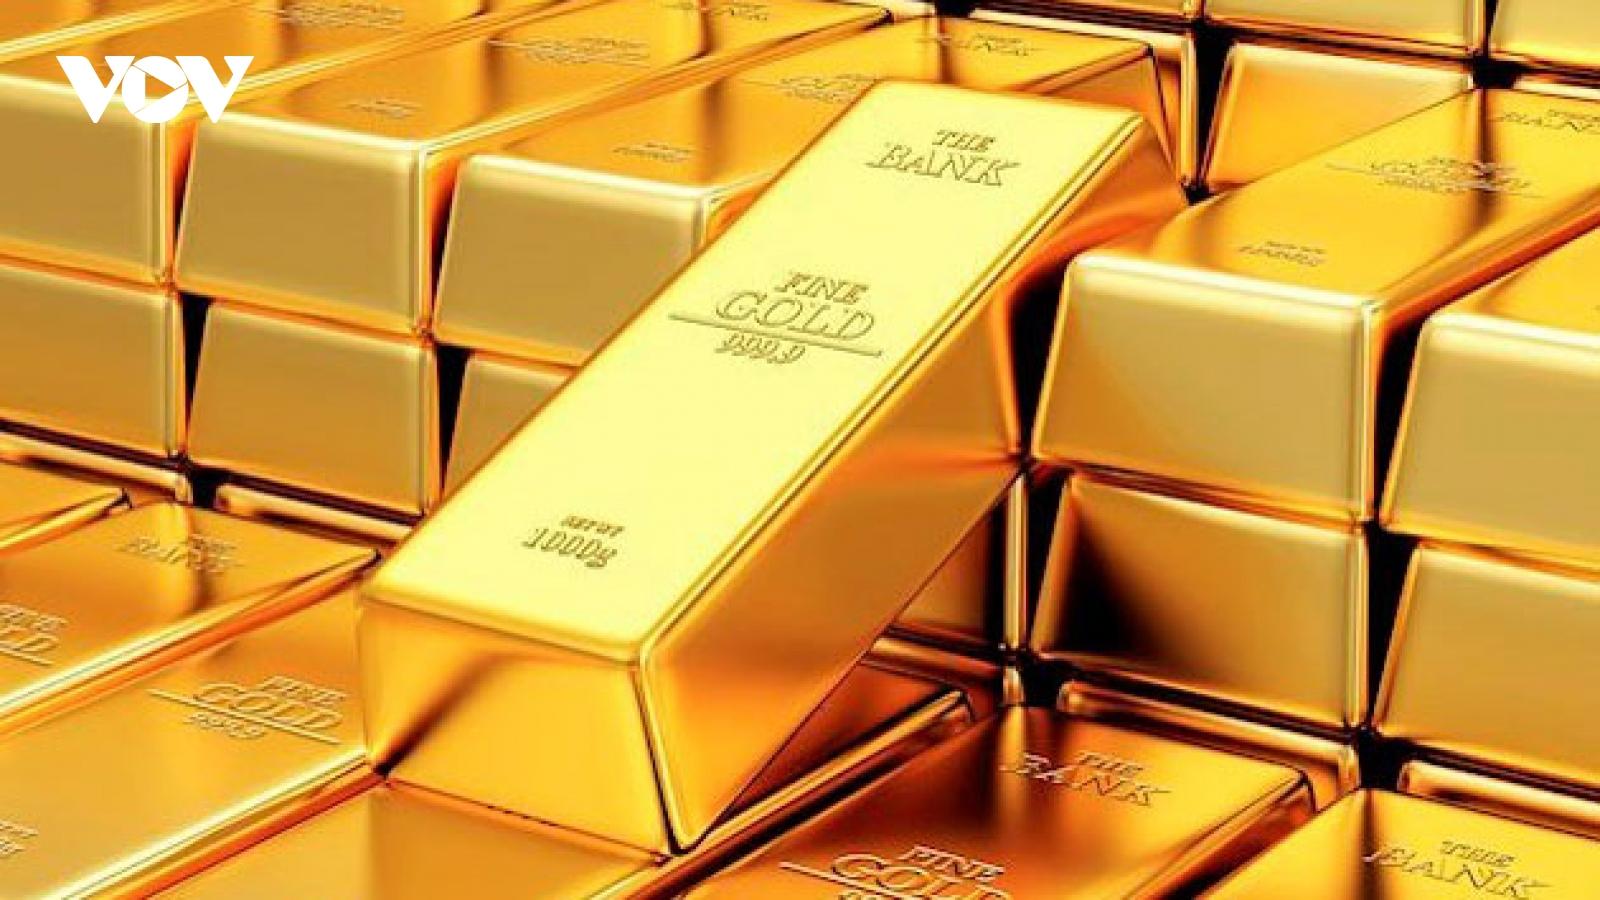 Giá vàng trong nước và thế giới cùng tăng